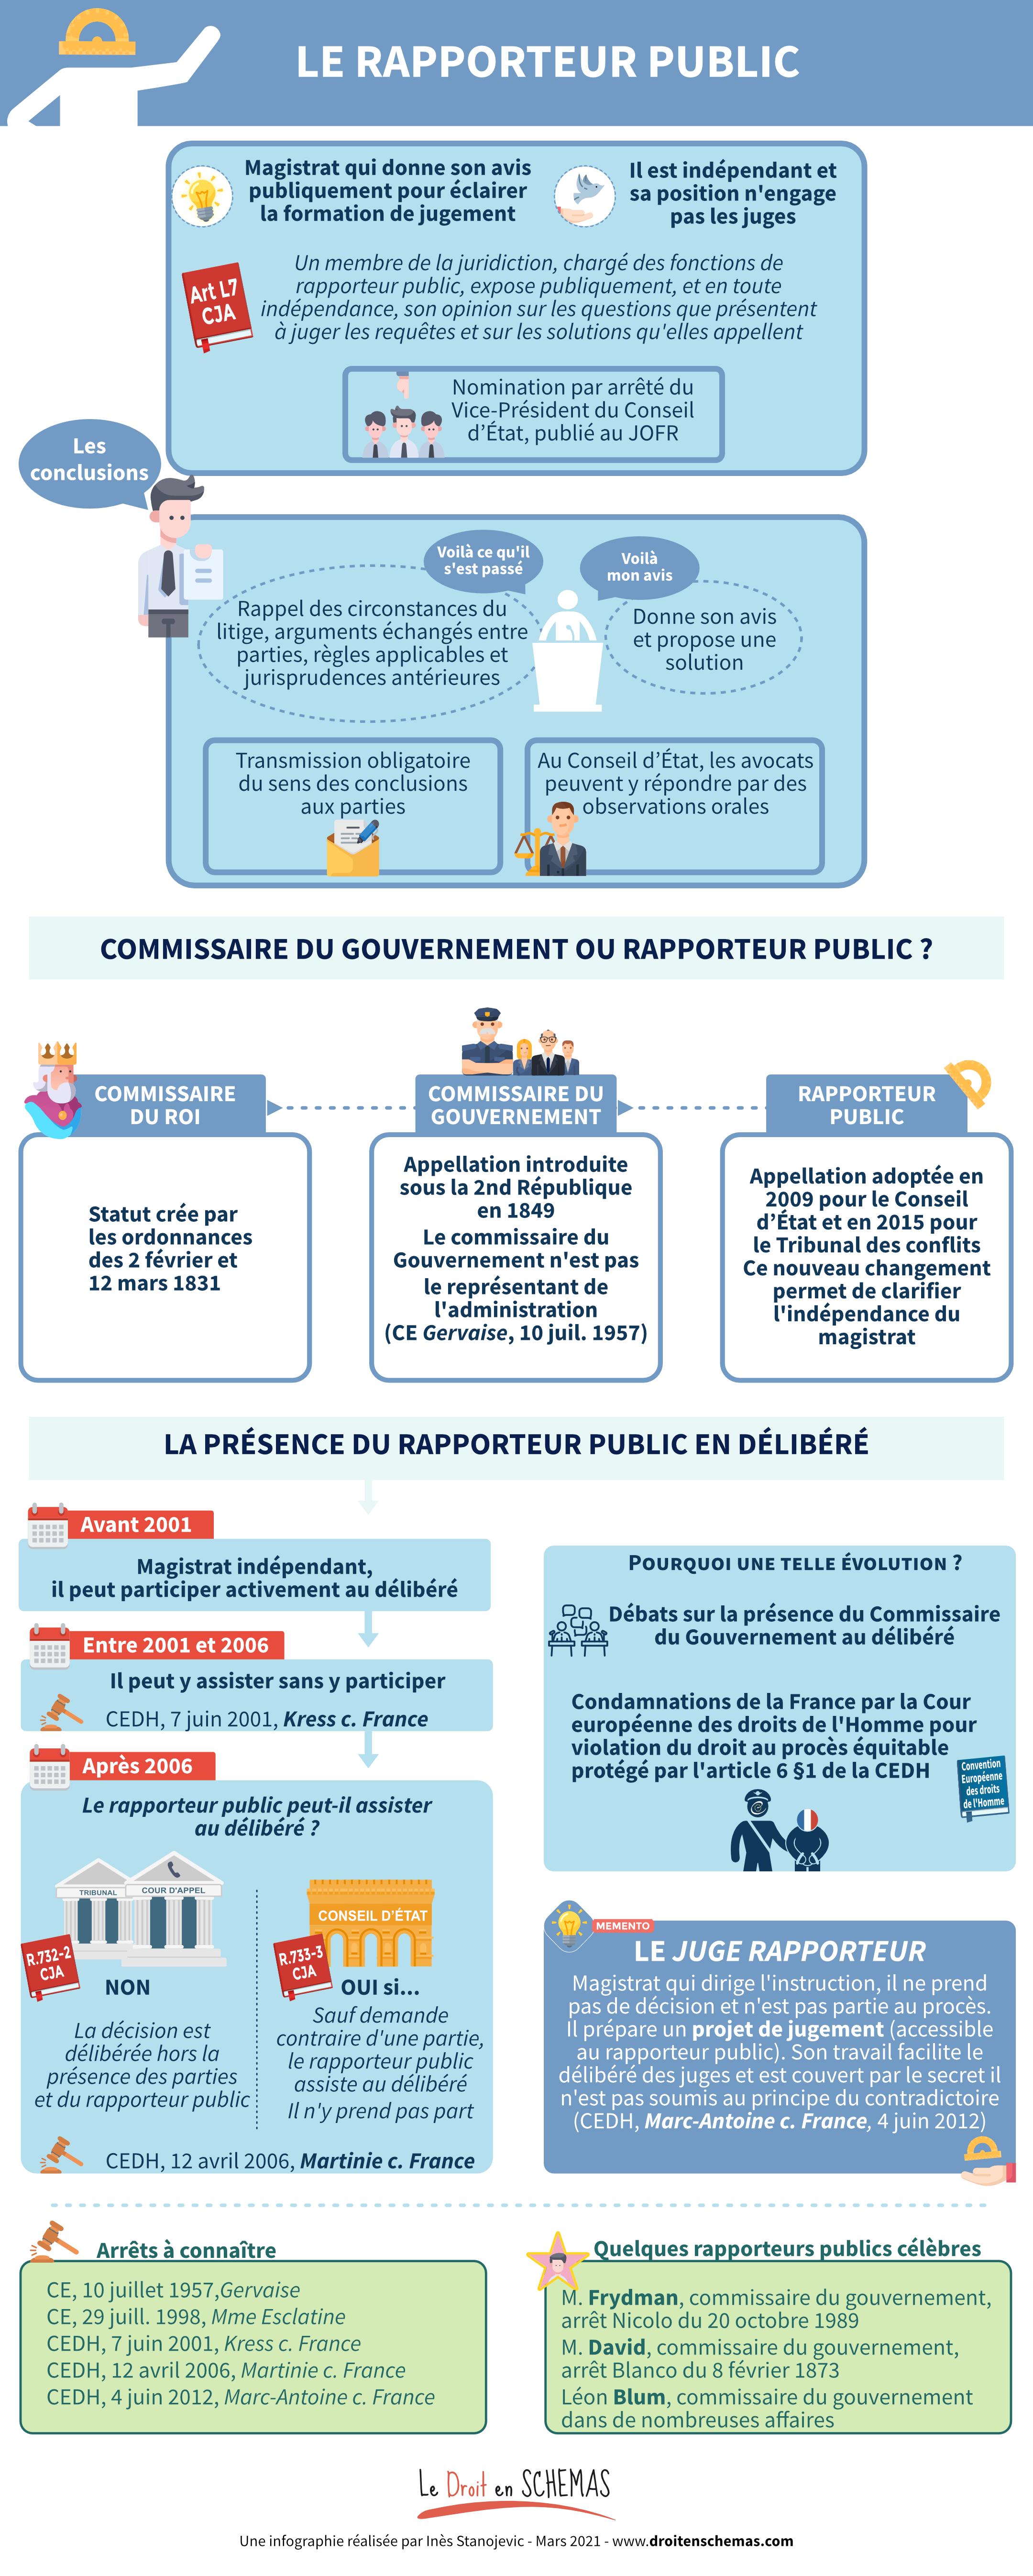 Rapporteur public commissaire gouvernement droit en schémas schemas